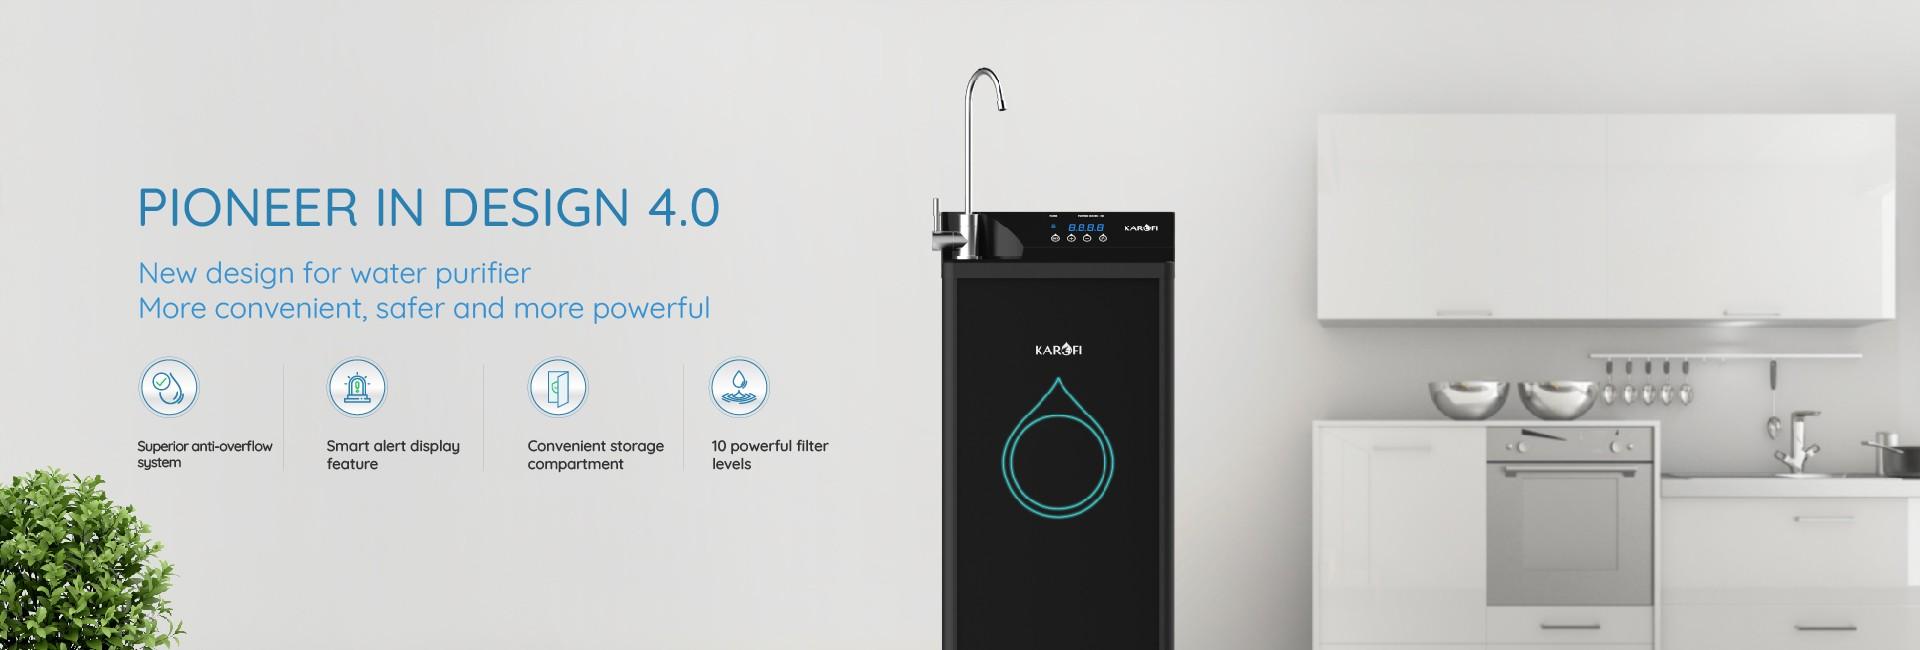 karofi-optimus-plus-o-p1310-water-purifier-1